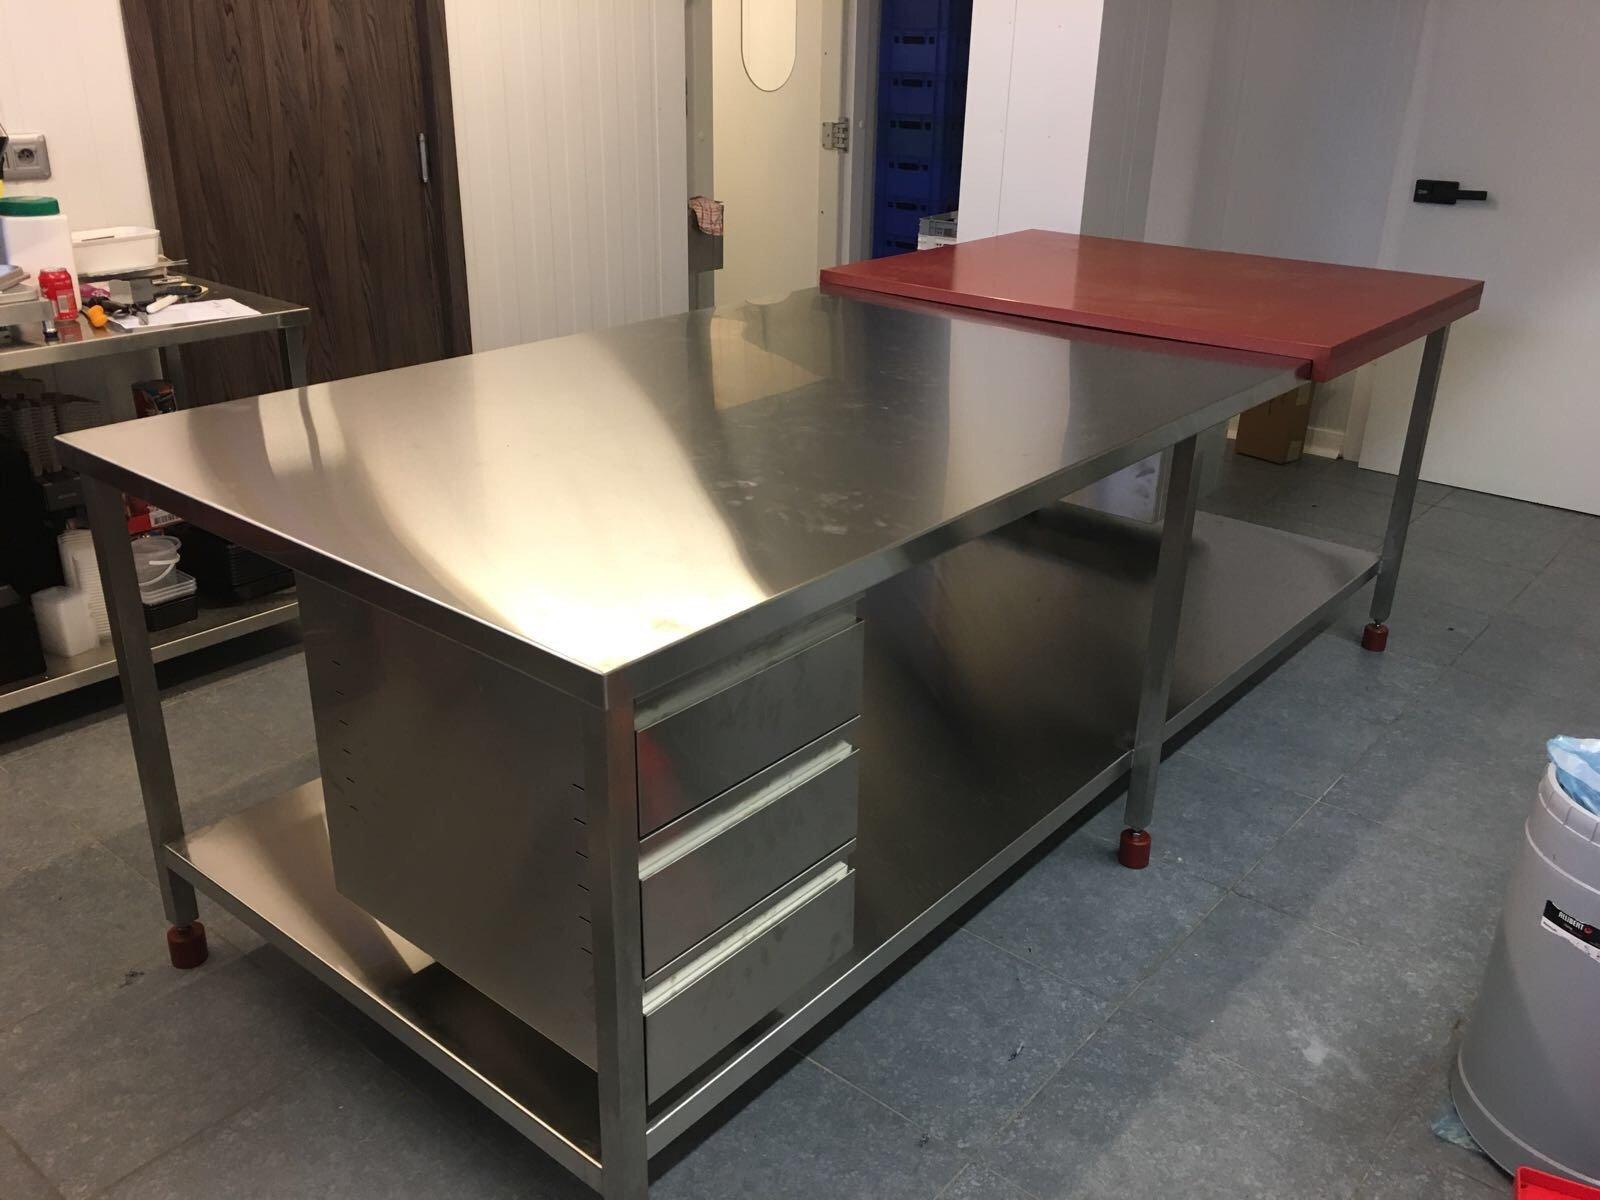 Als dé specialist in inoxconstructies zijn we wederom fier op deze mooie en unieke snijtafel en...